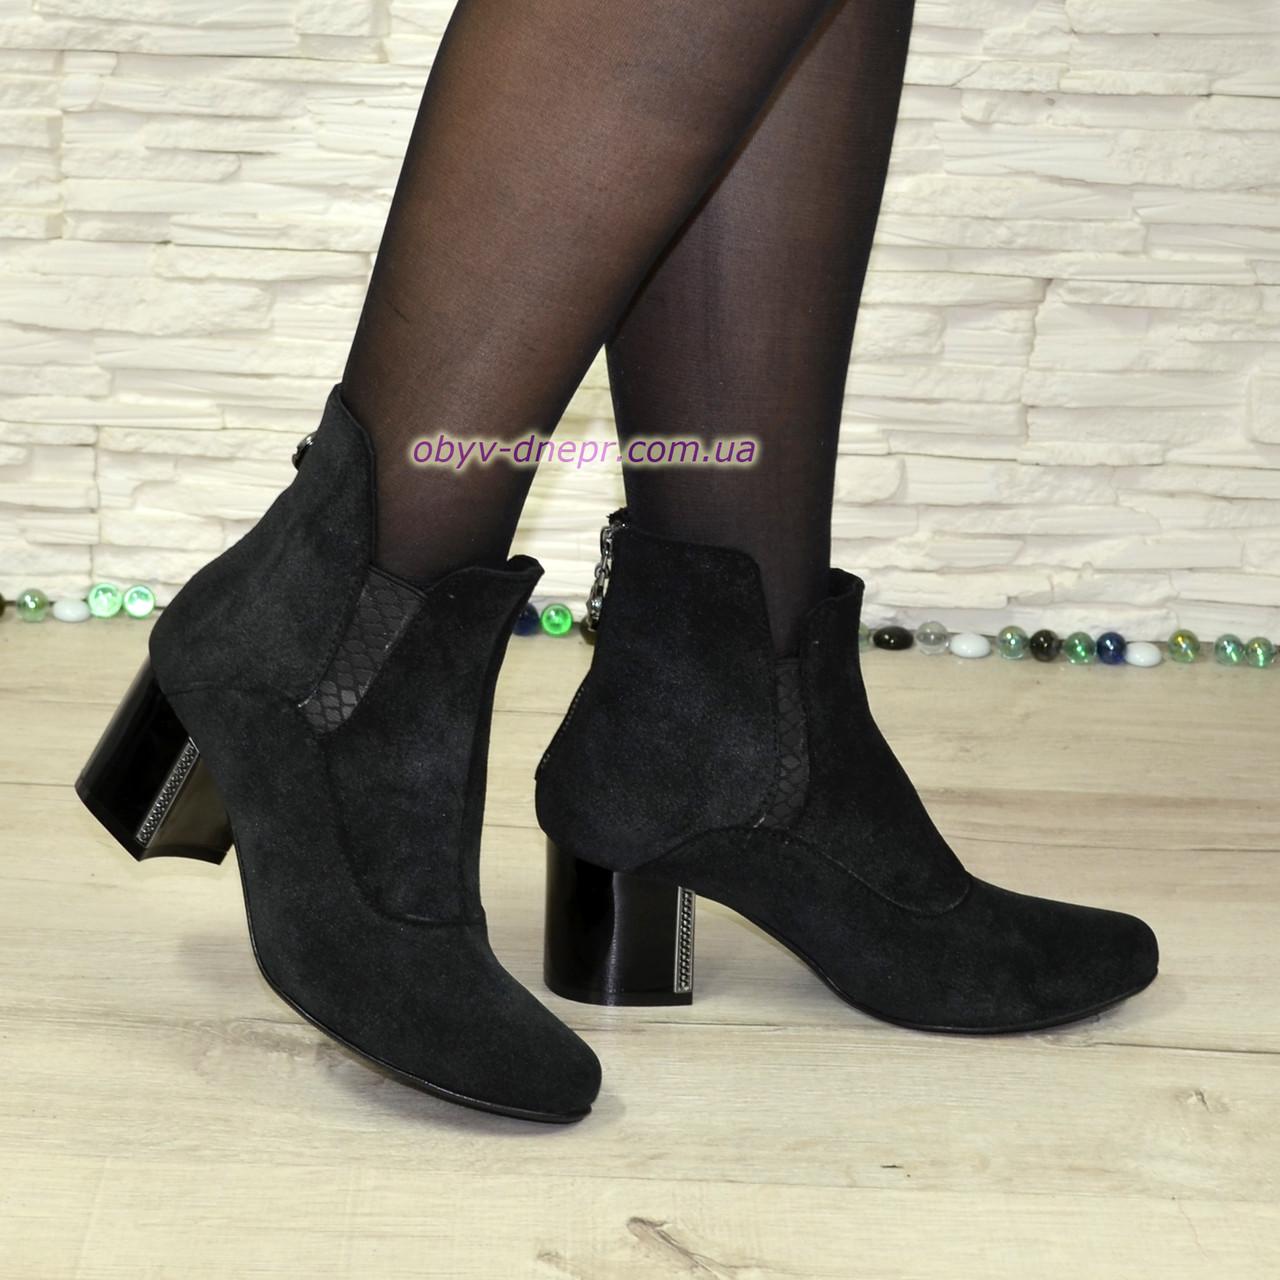 Ботинки замшевые демисезонные на невысоком каблуке, сзади на молнии